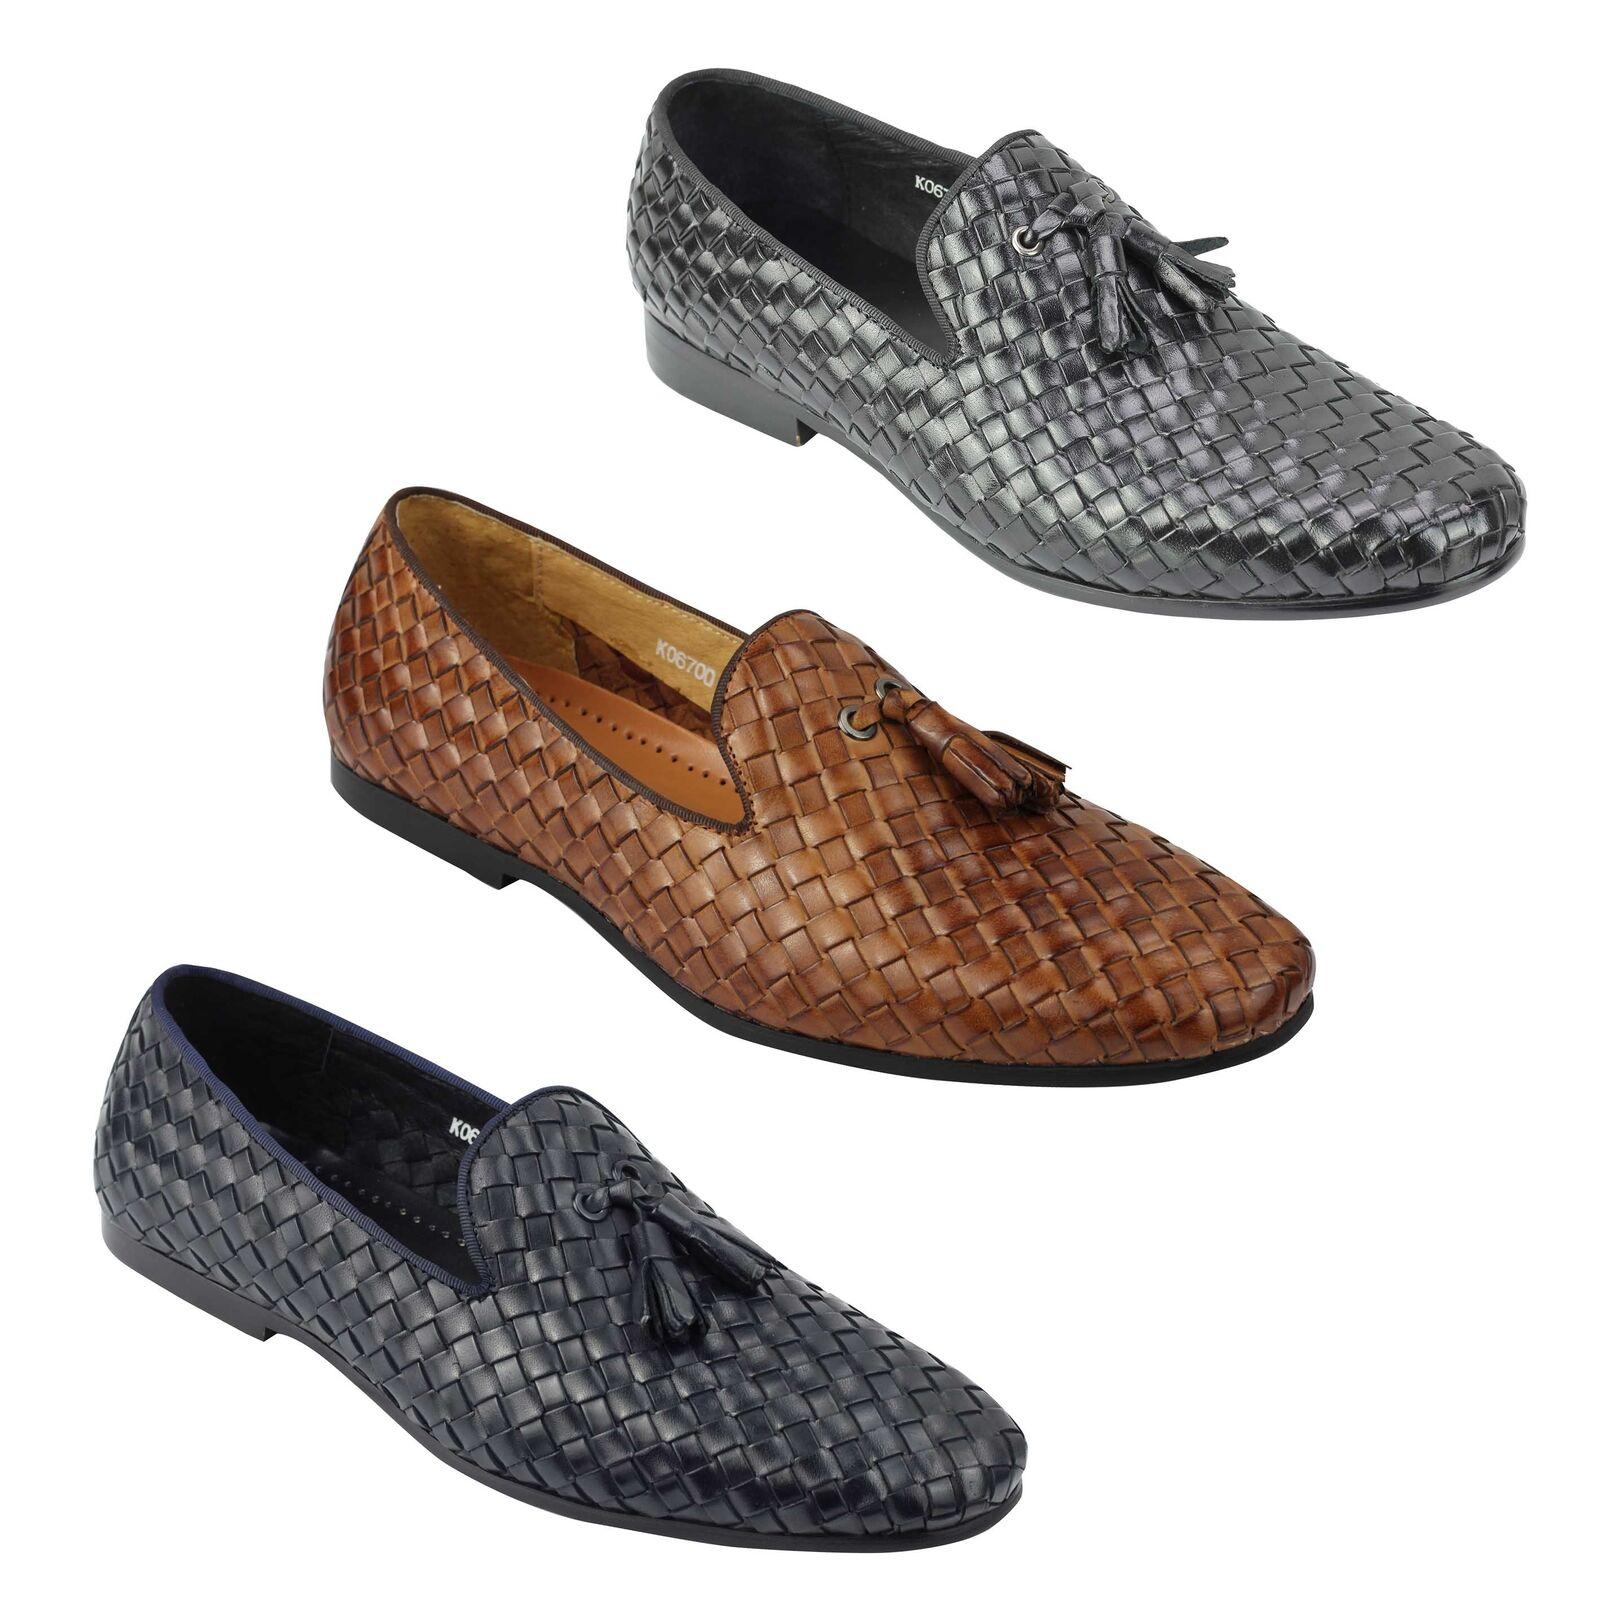 Herren Tan Navy Real Basket Woven Leder Flat Tassel Loafer Vintage Driving Schuhes